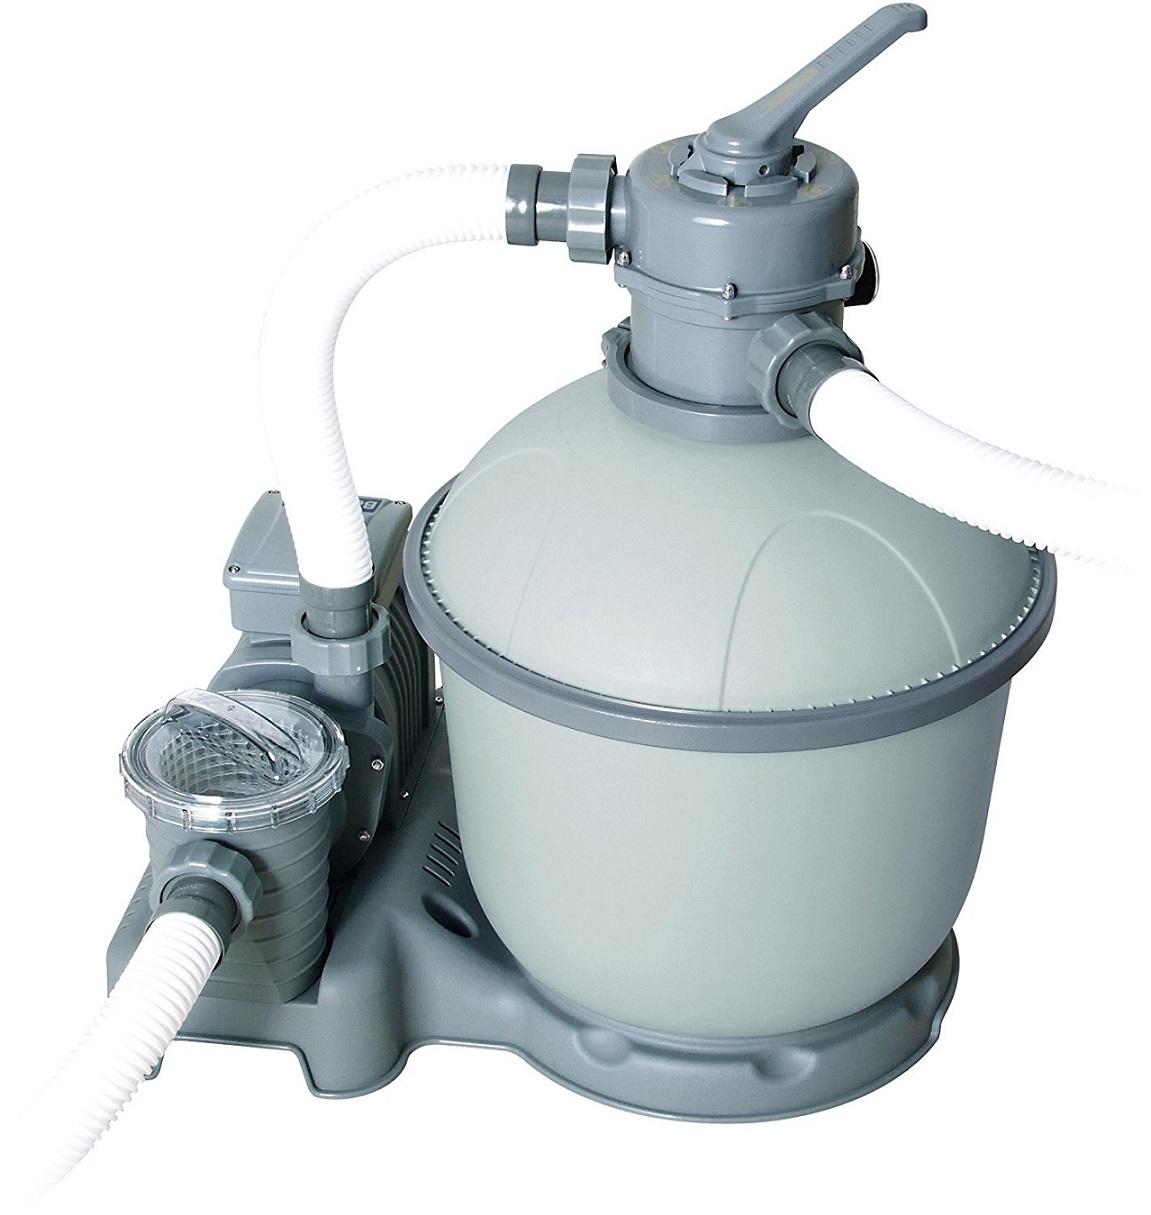 Pompa filtro a sabbia per piscina 5678 lt h piscine e for Pompe piscine bomba psh